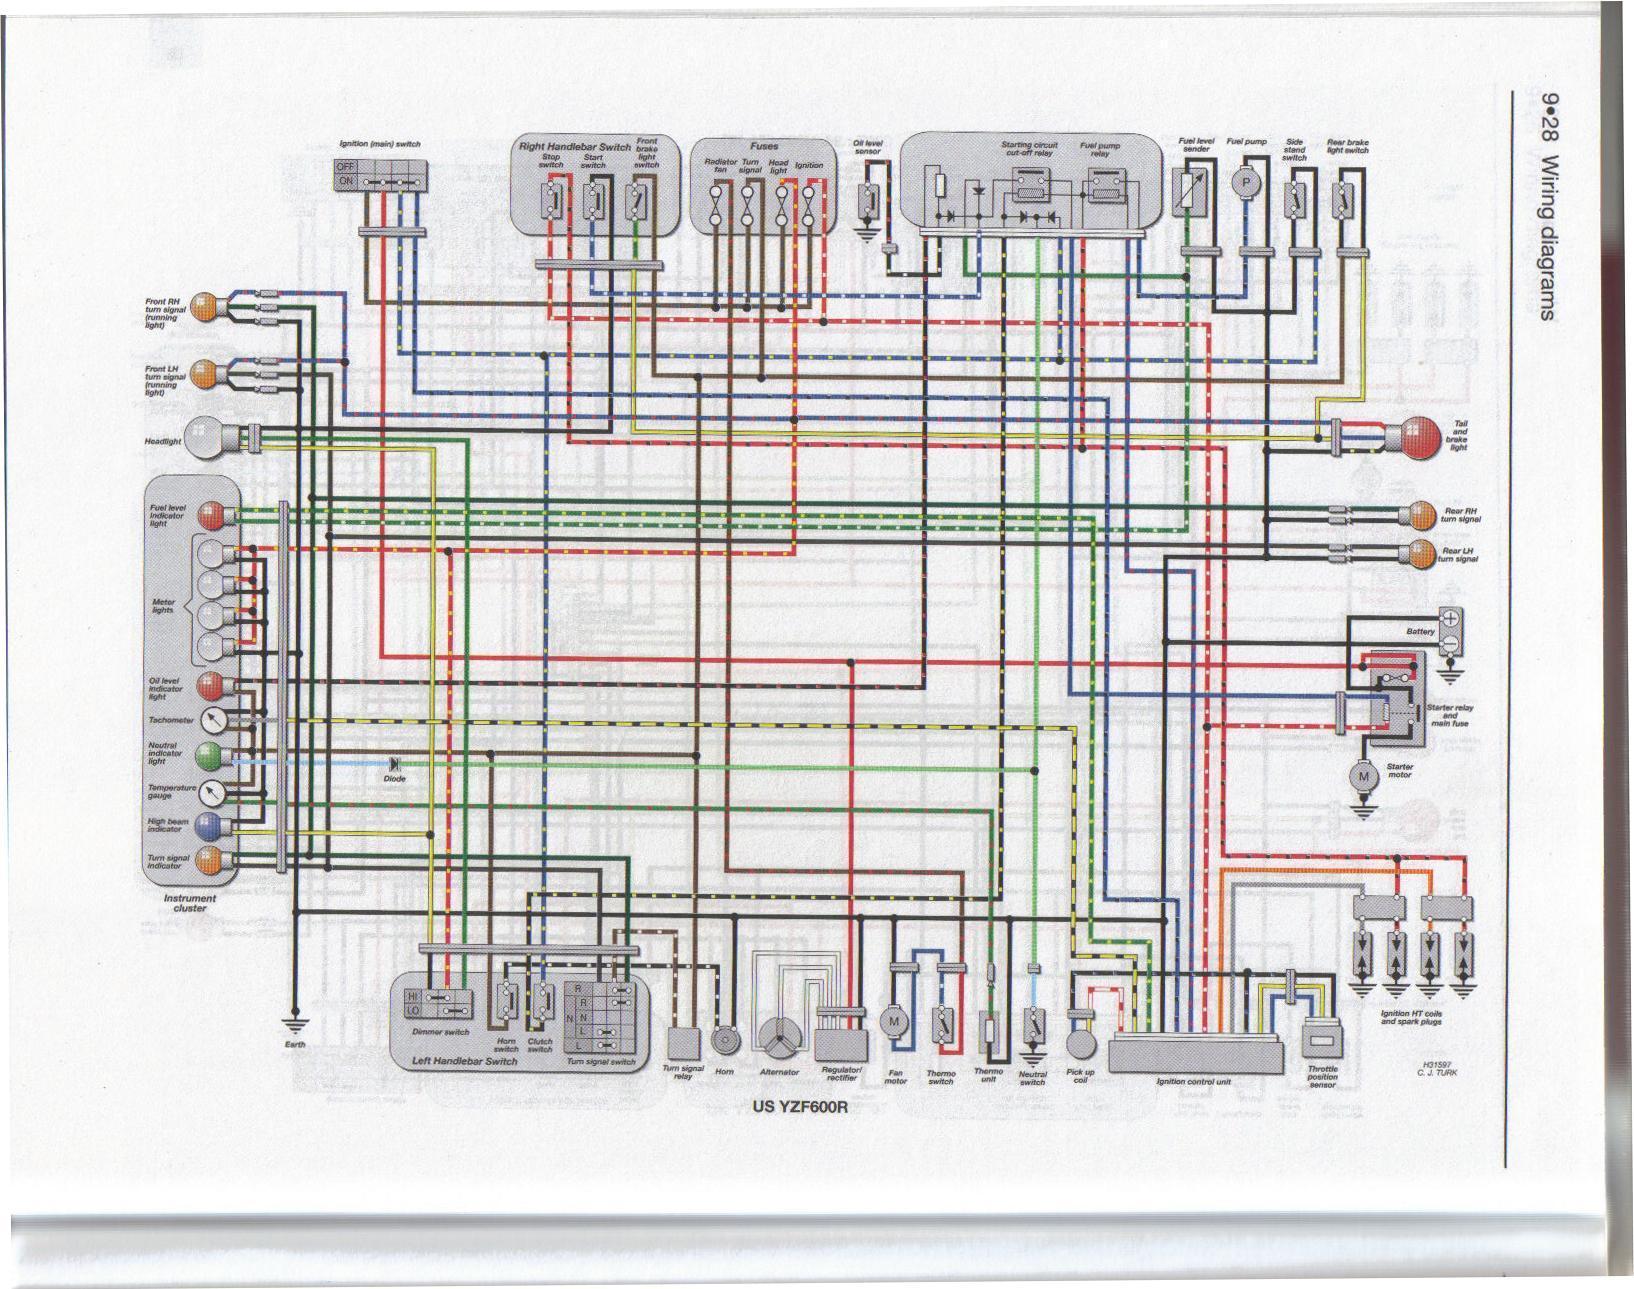 Yamaha R1 Wiring Diagram,R.Free Download Printable Wiring ... on